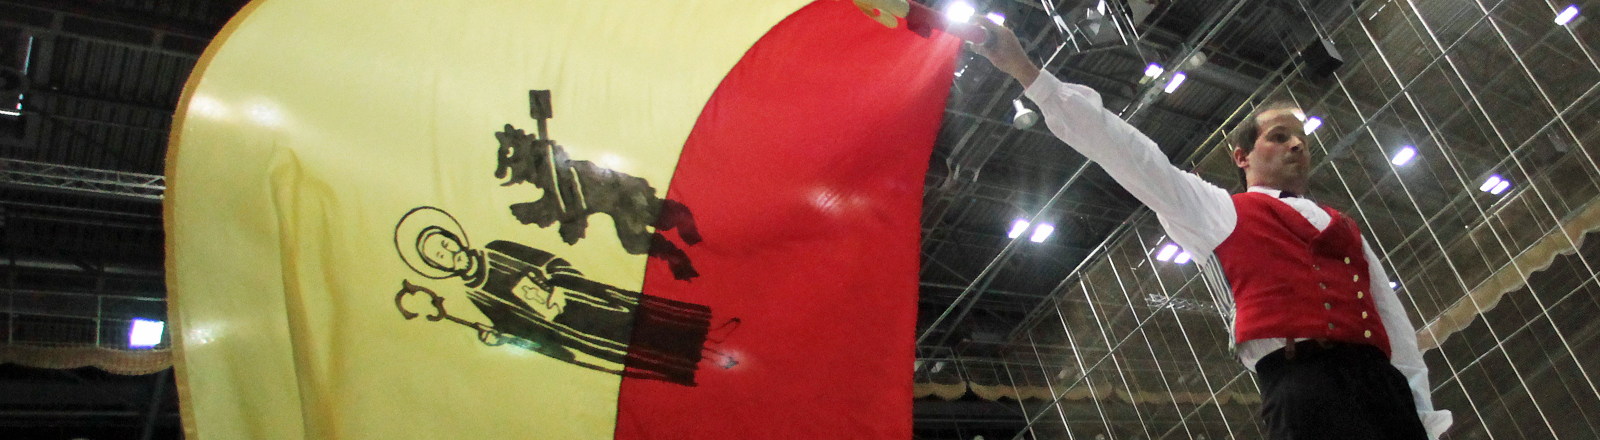 Ein Mann schwingt am Freitag (17.09.2010) in der Ballsporthalle in Frankfurt am Main eine Fahne